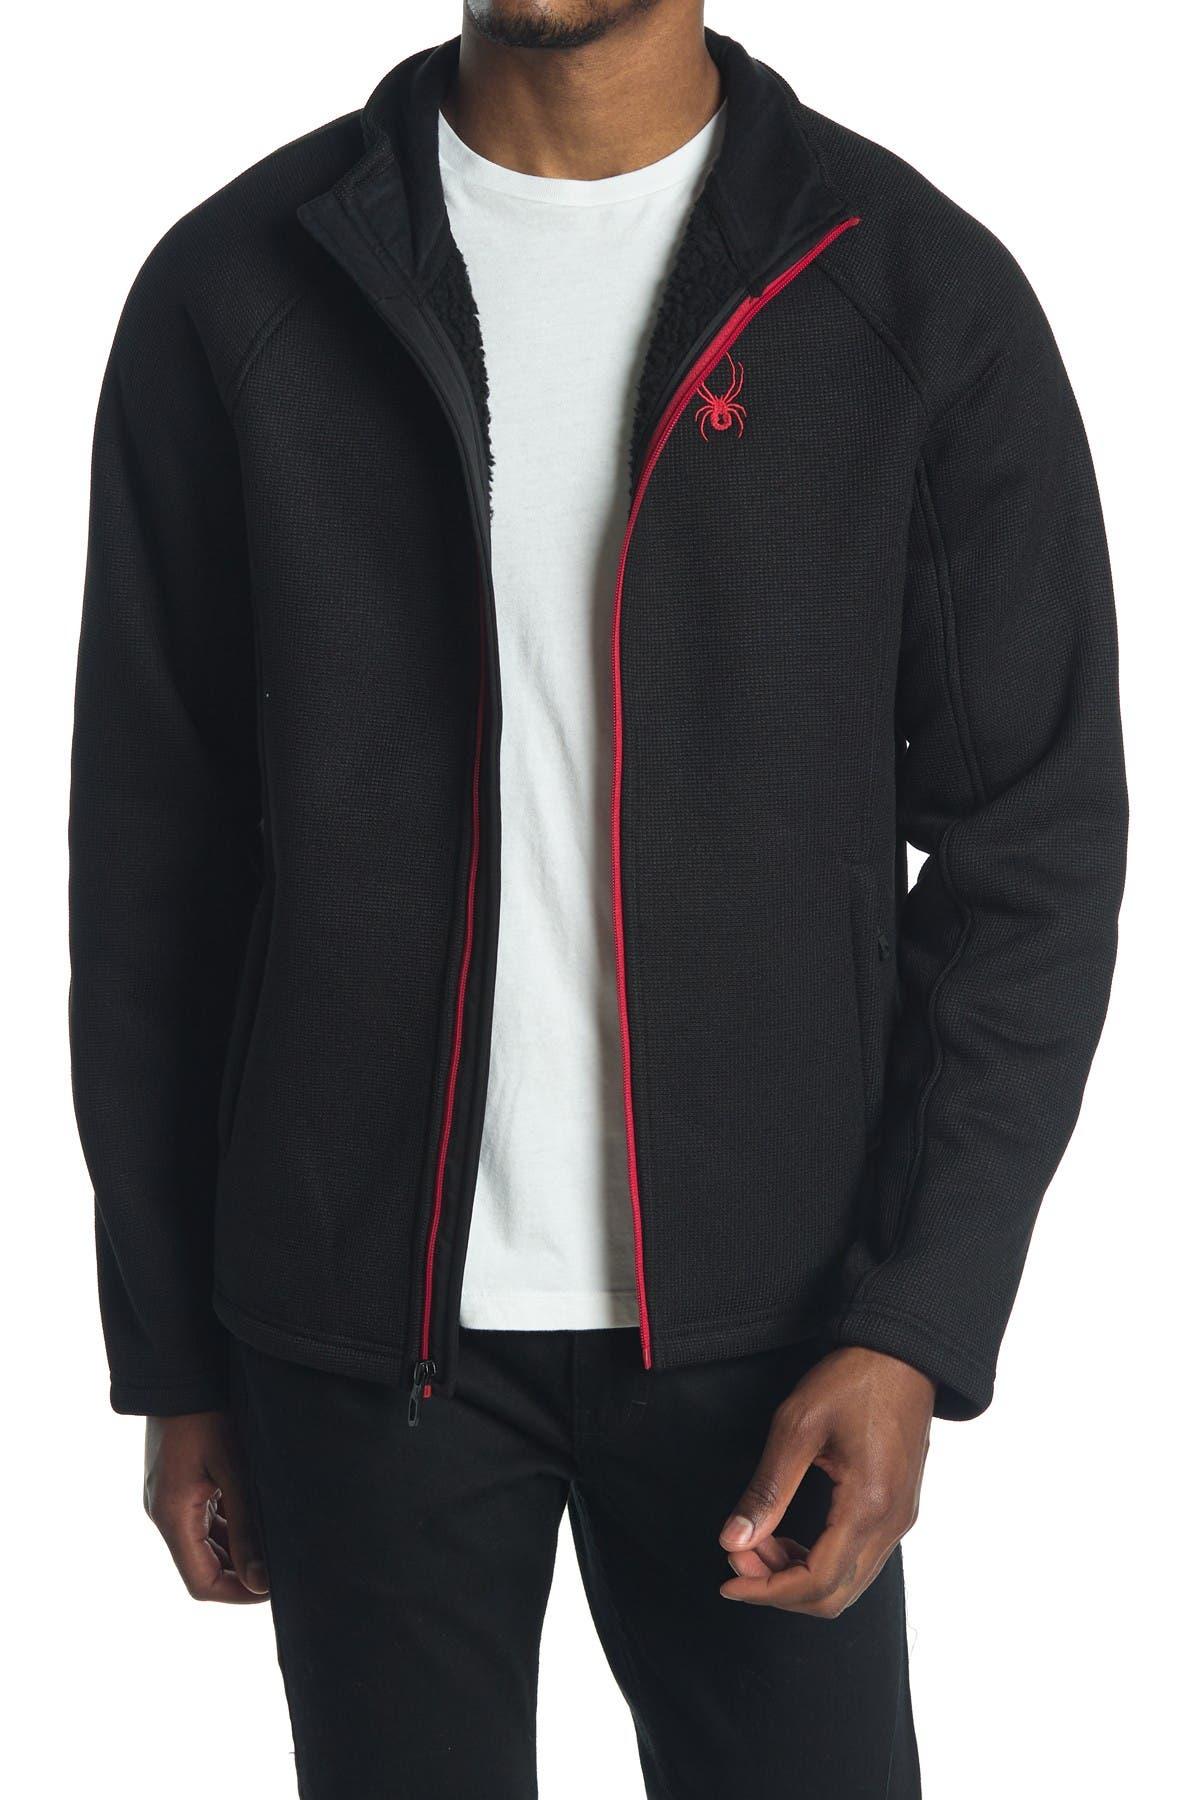 Image of SPYDER Steller Full Zip Front Jacket